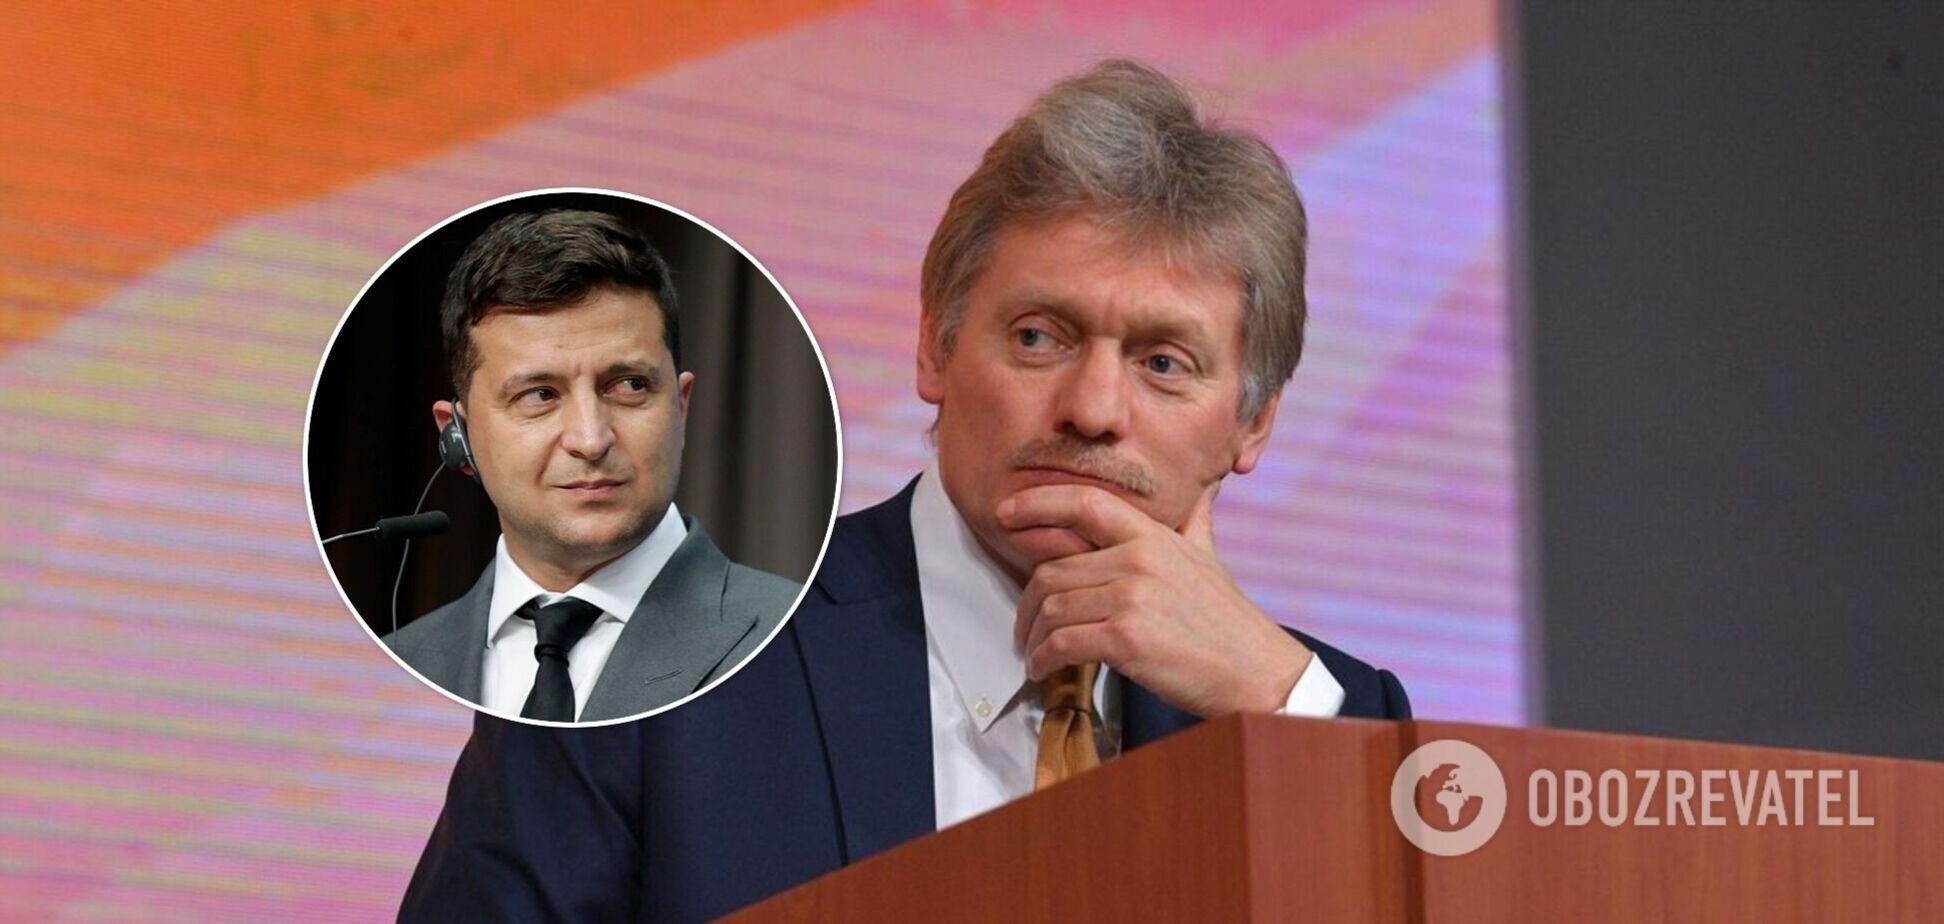 В Кремле пожаловались, что при Зеленском по Минским договоренностям не удалось продвинуться 'ни на йоту'